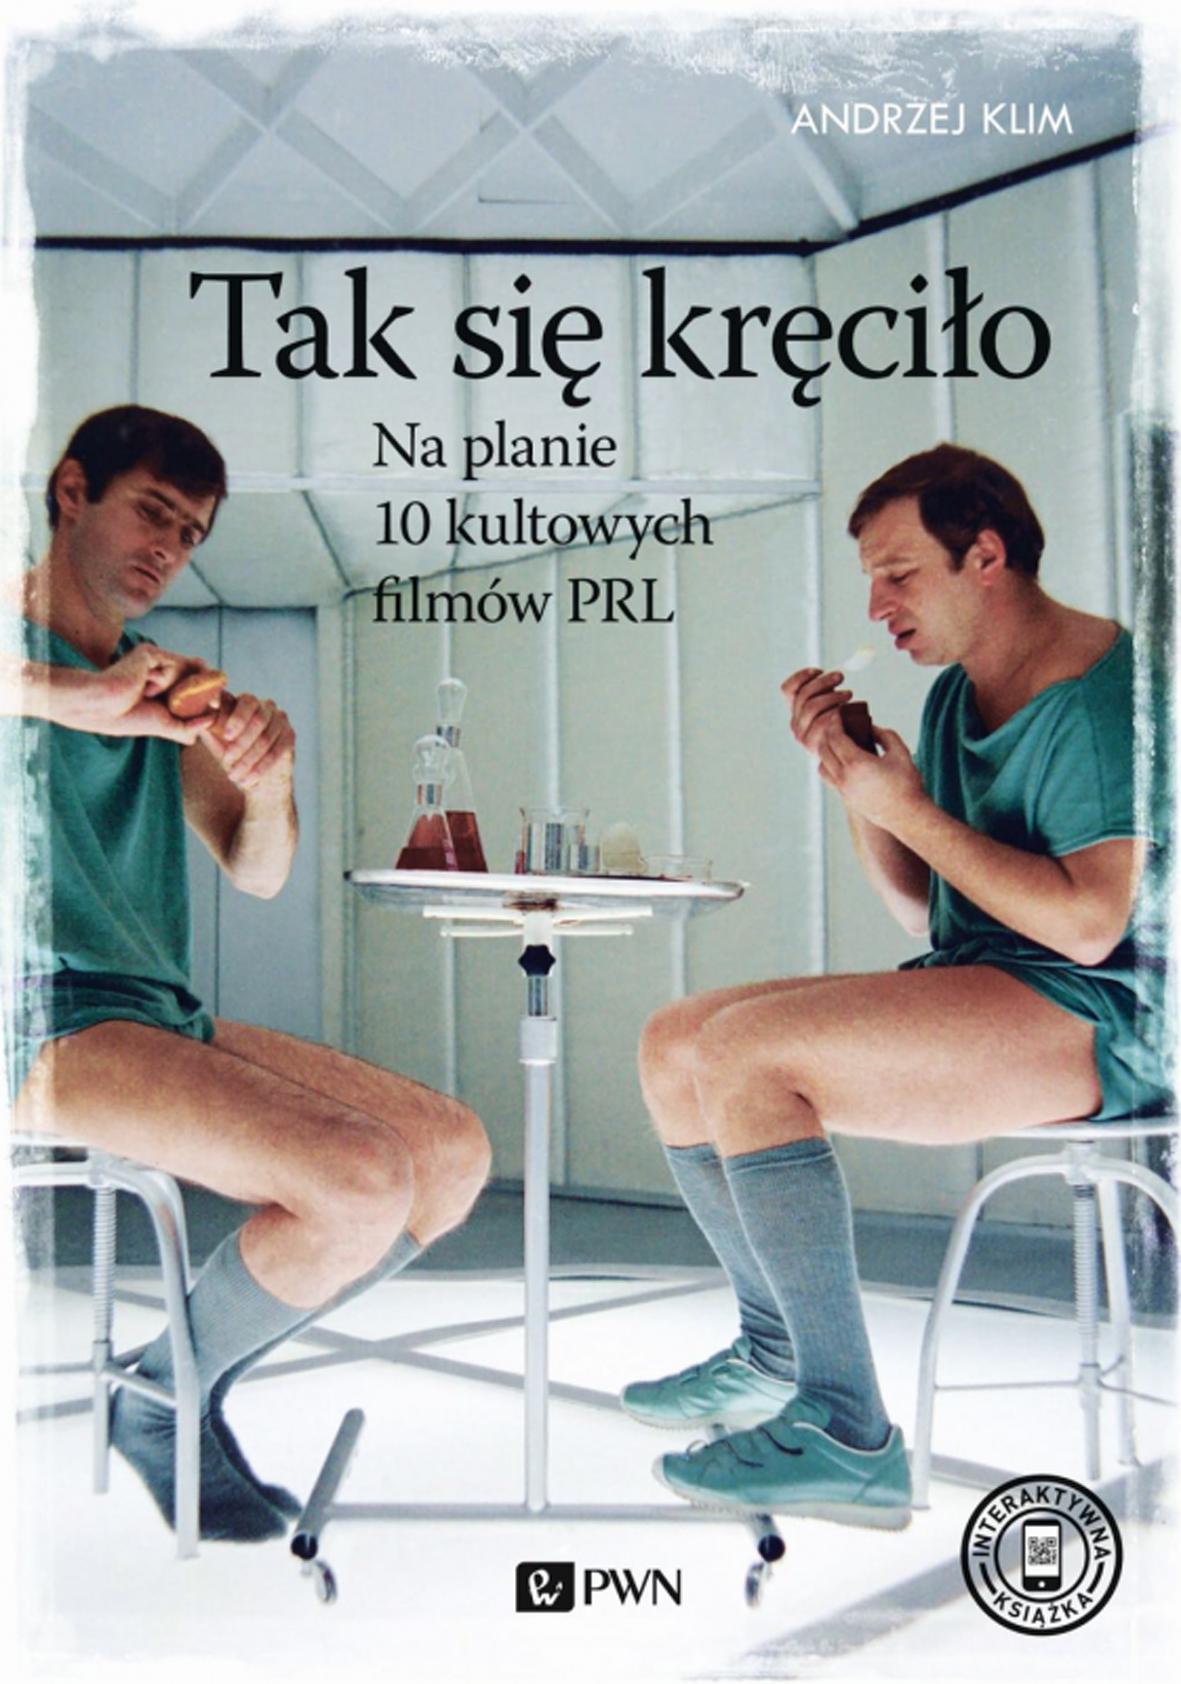 tak-sie-krecilo-na-planie-10-kultowych-filmow-prl